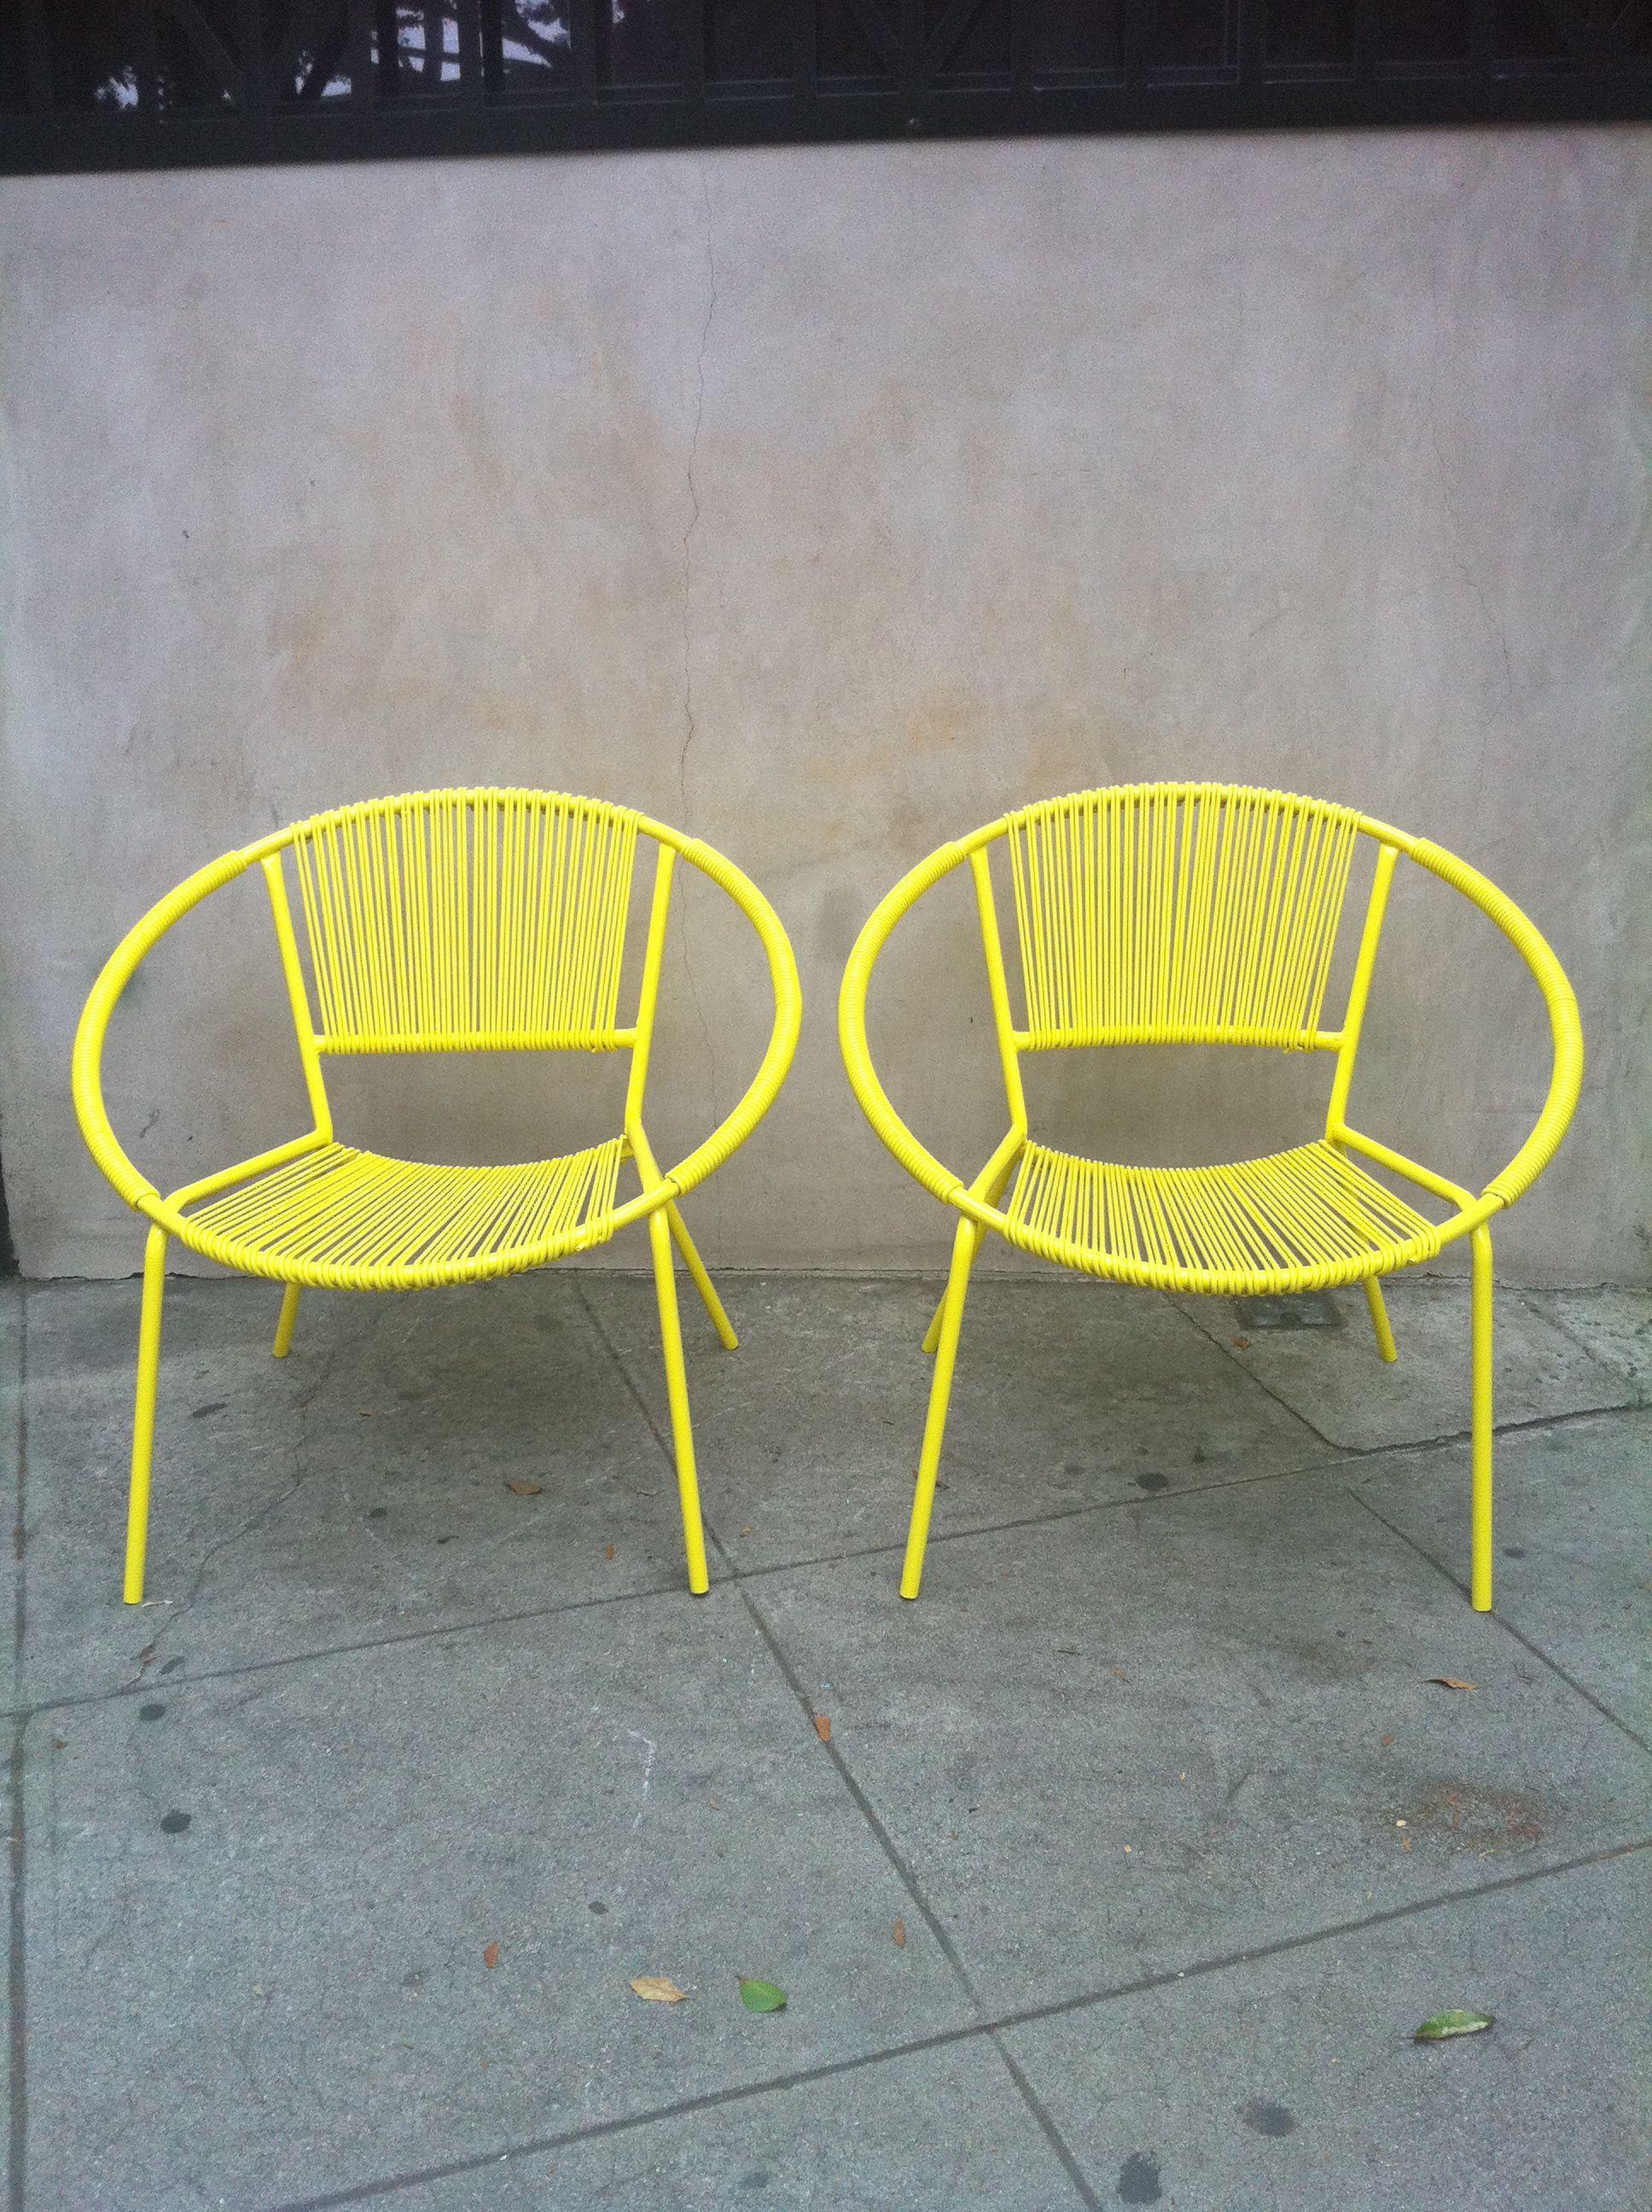 Cool Bright Retro Chairs Outside Retro Furniture Retro Home Machost Co Dining Chair Design Ideas Machostcouk